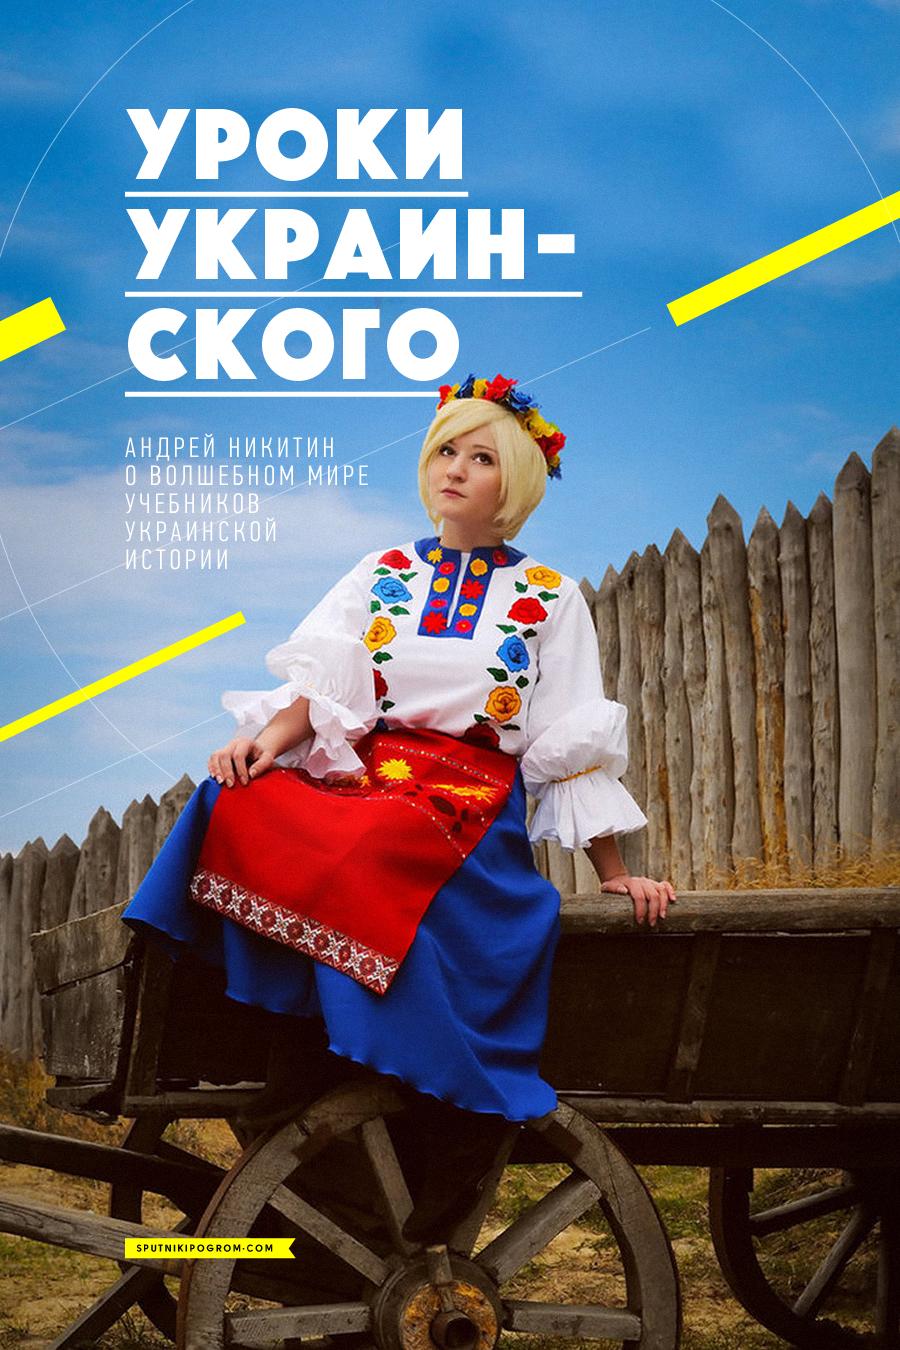 школьно украинское порно